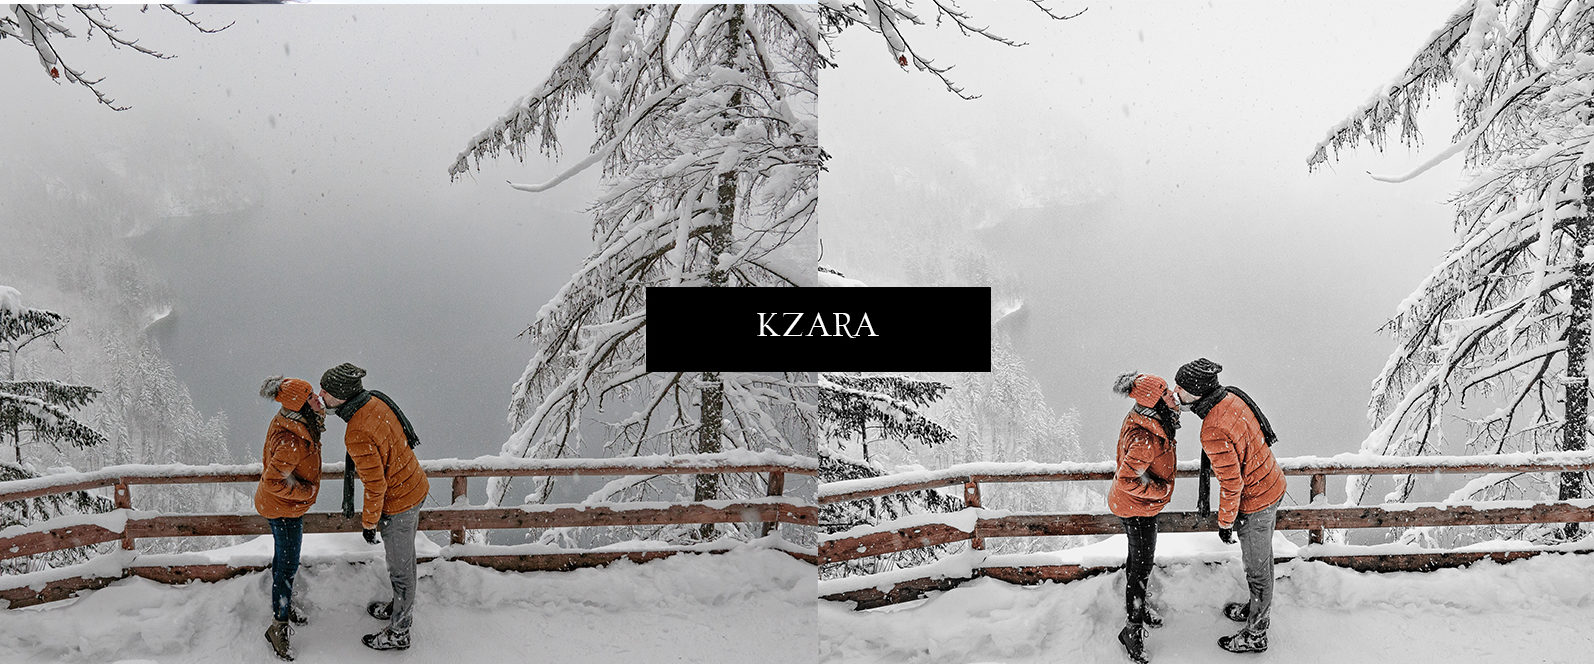 12 x Lightroom Presets, Winter Magic Presets, Outdoor Presets, Gray Tones Presets, Portrait Presets - Winter Magic Preview 12 -